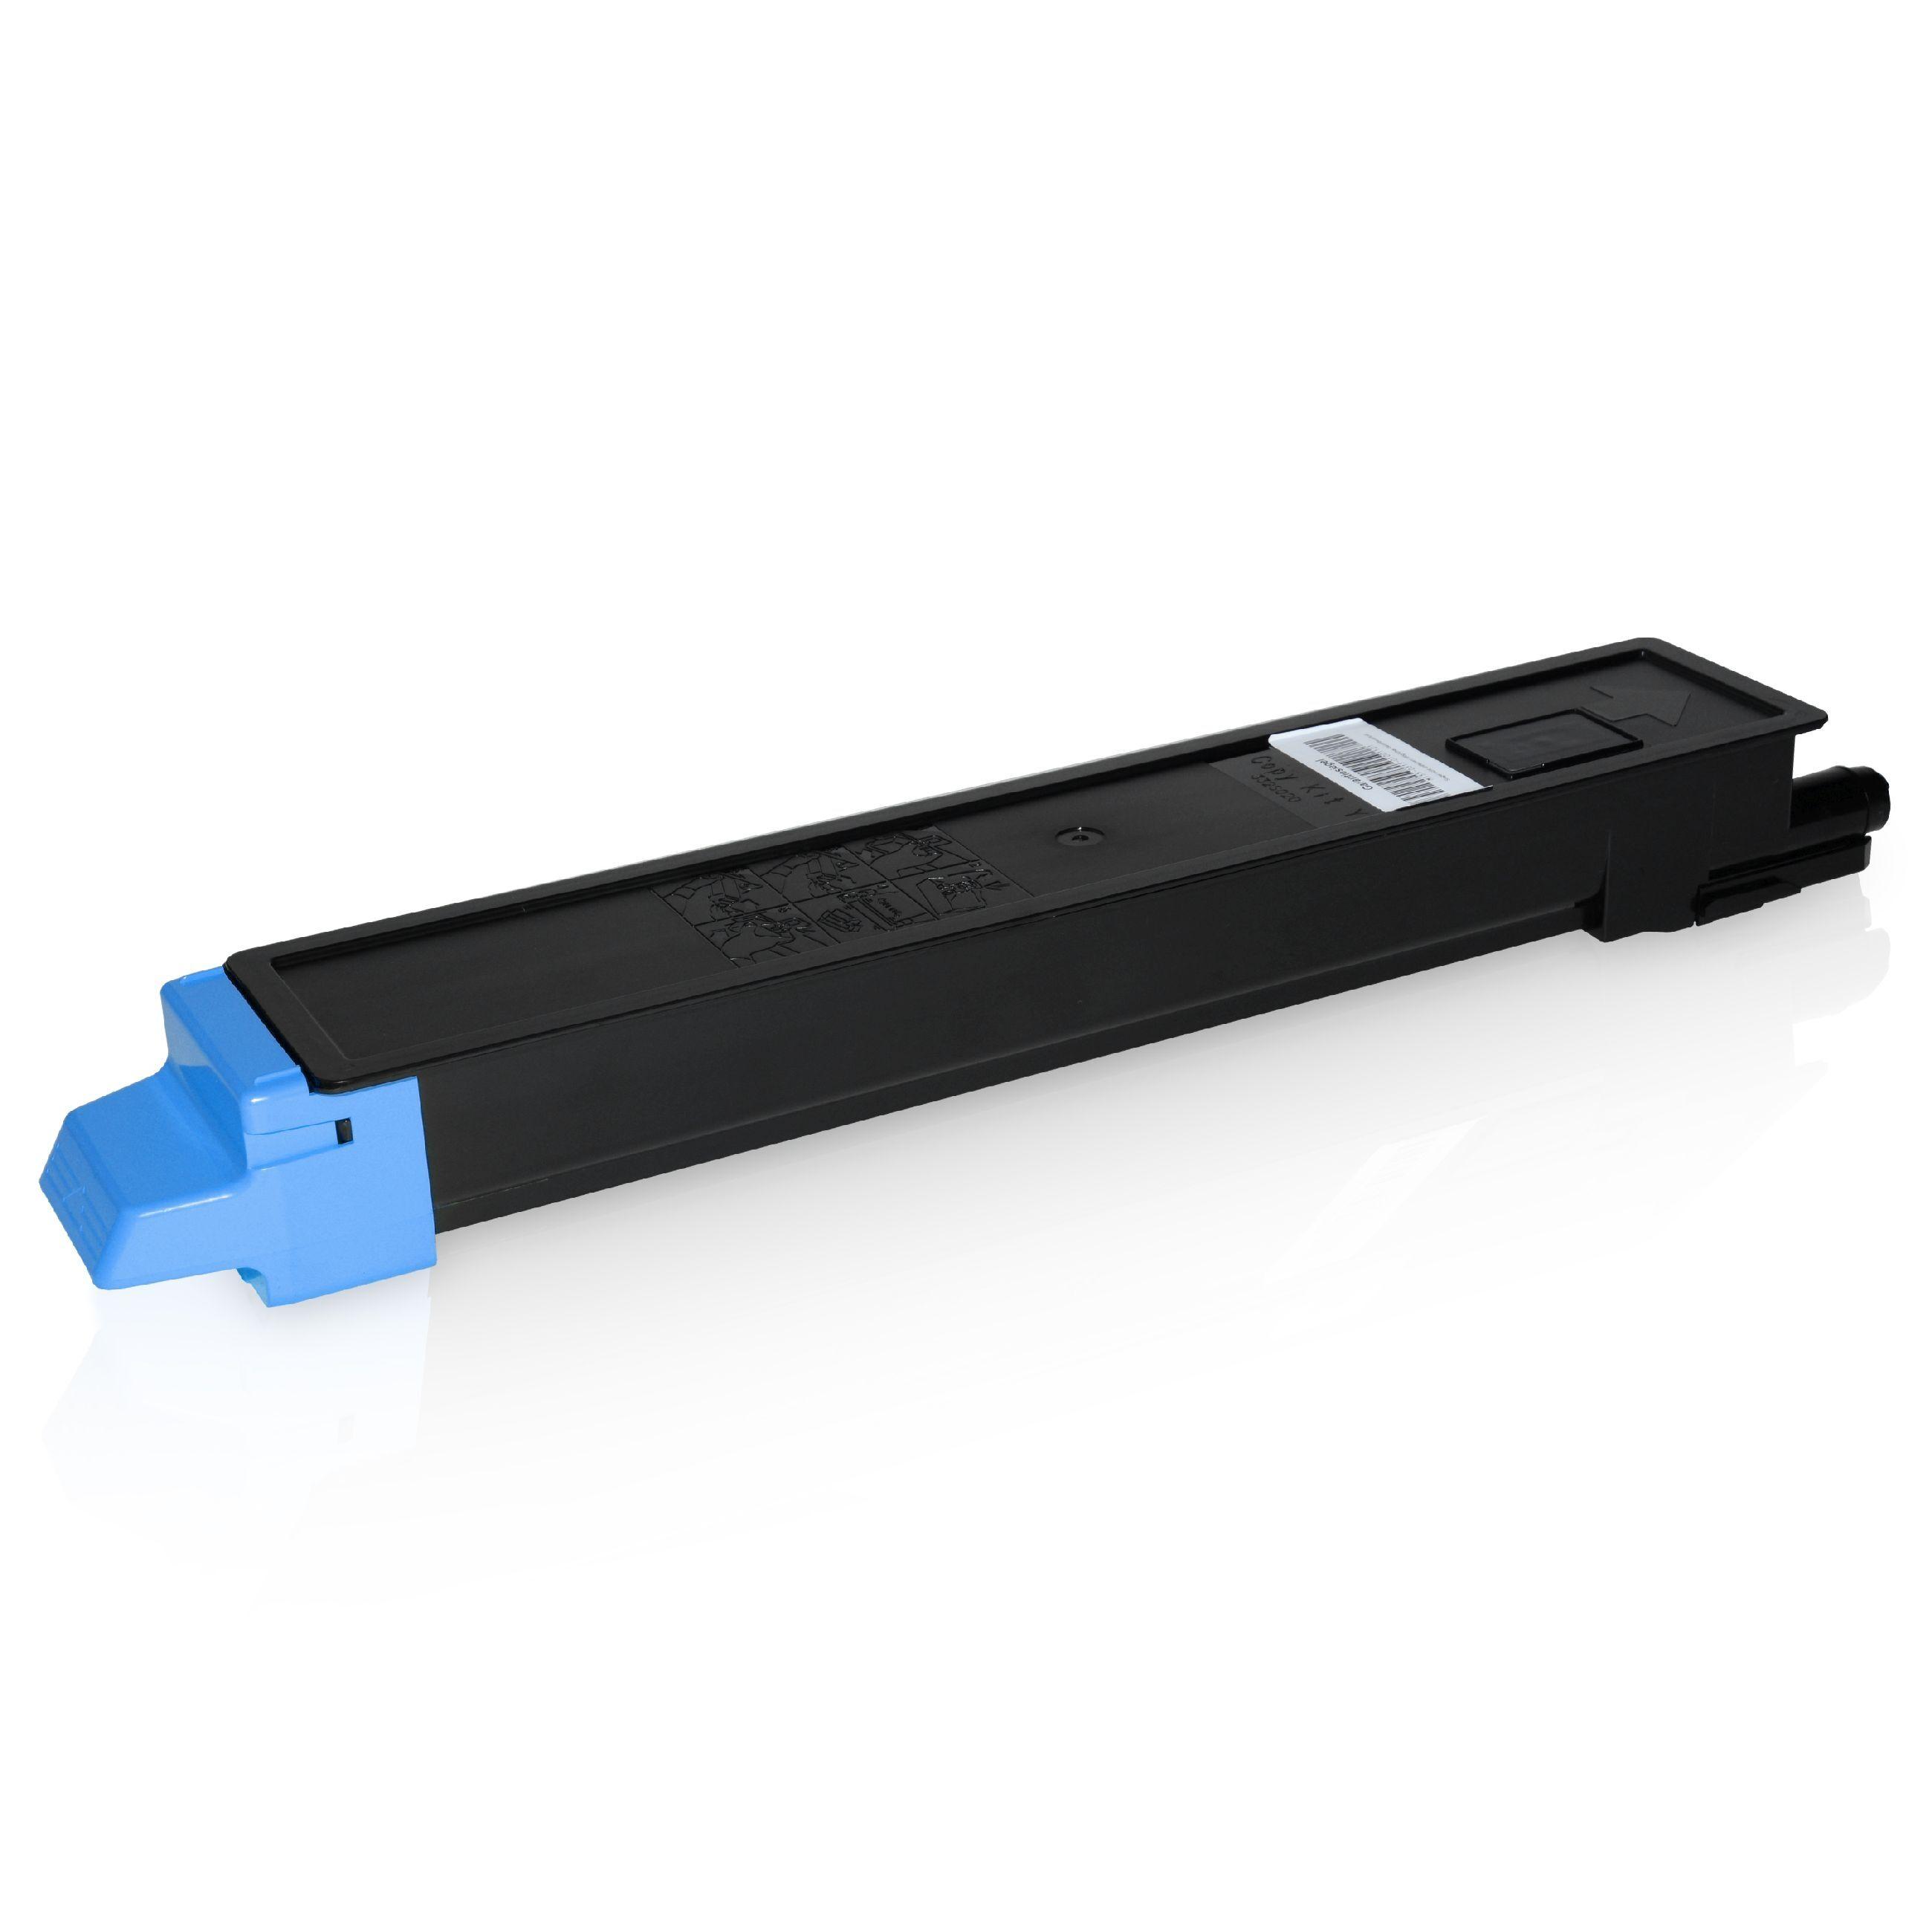 Utax Cartouche de Toner pour Utax 652511011 cyan compatible (de marque ASC)